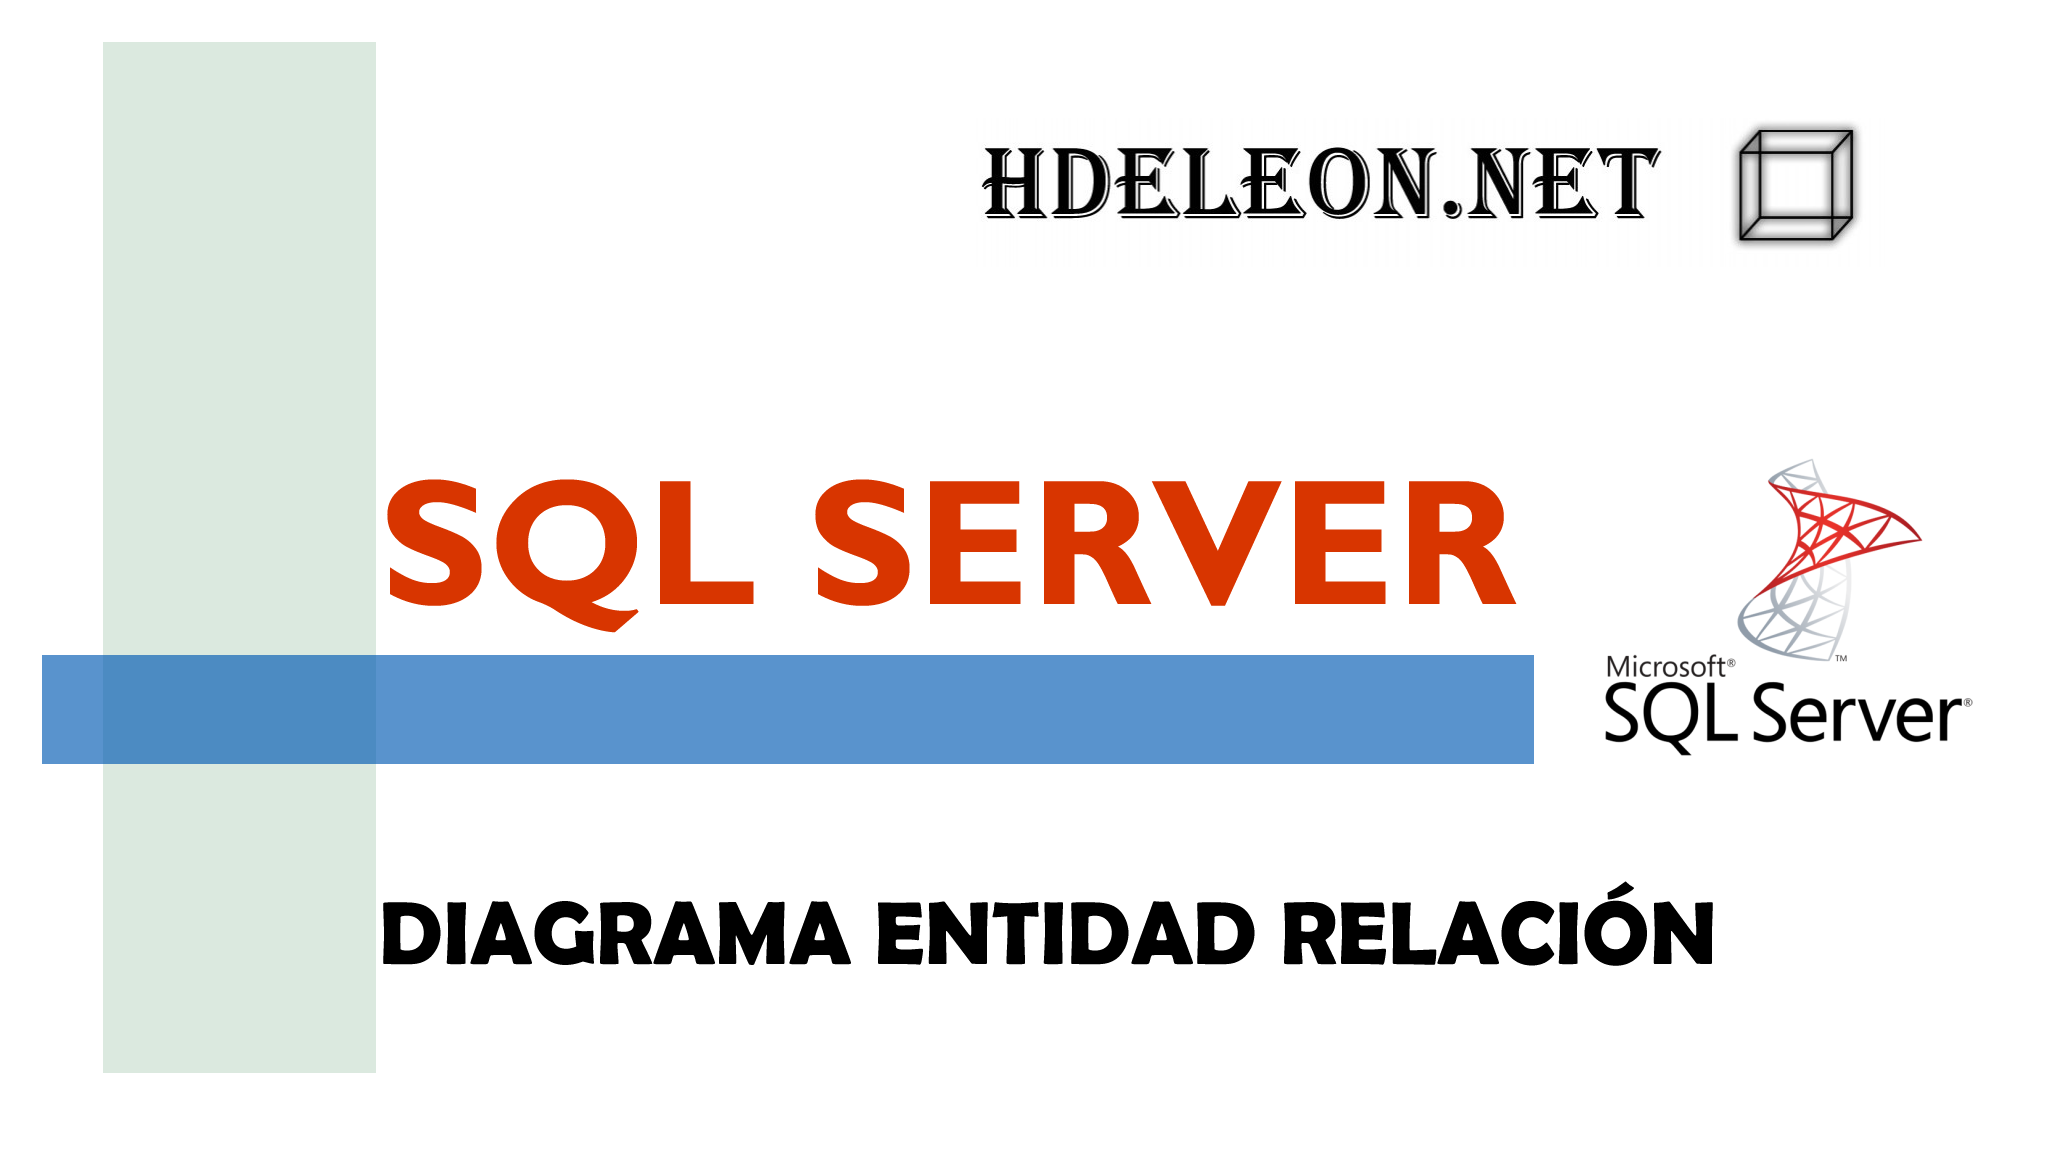 ¿Cómo crear un diagrama de Entidad relación en SQL Server Management Studio?